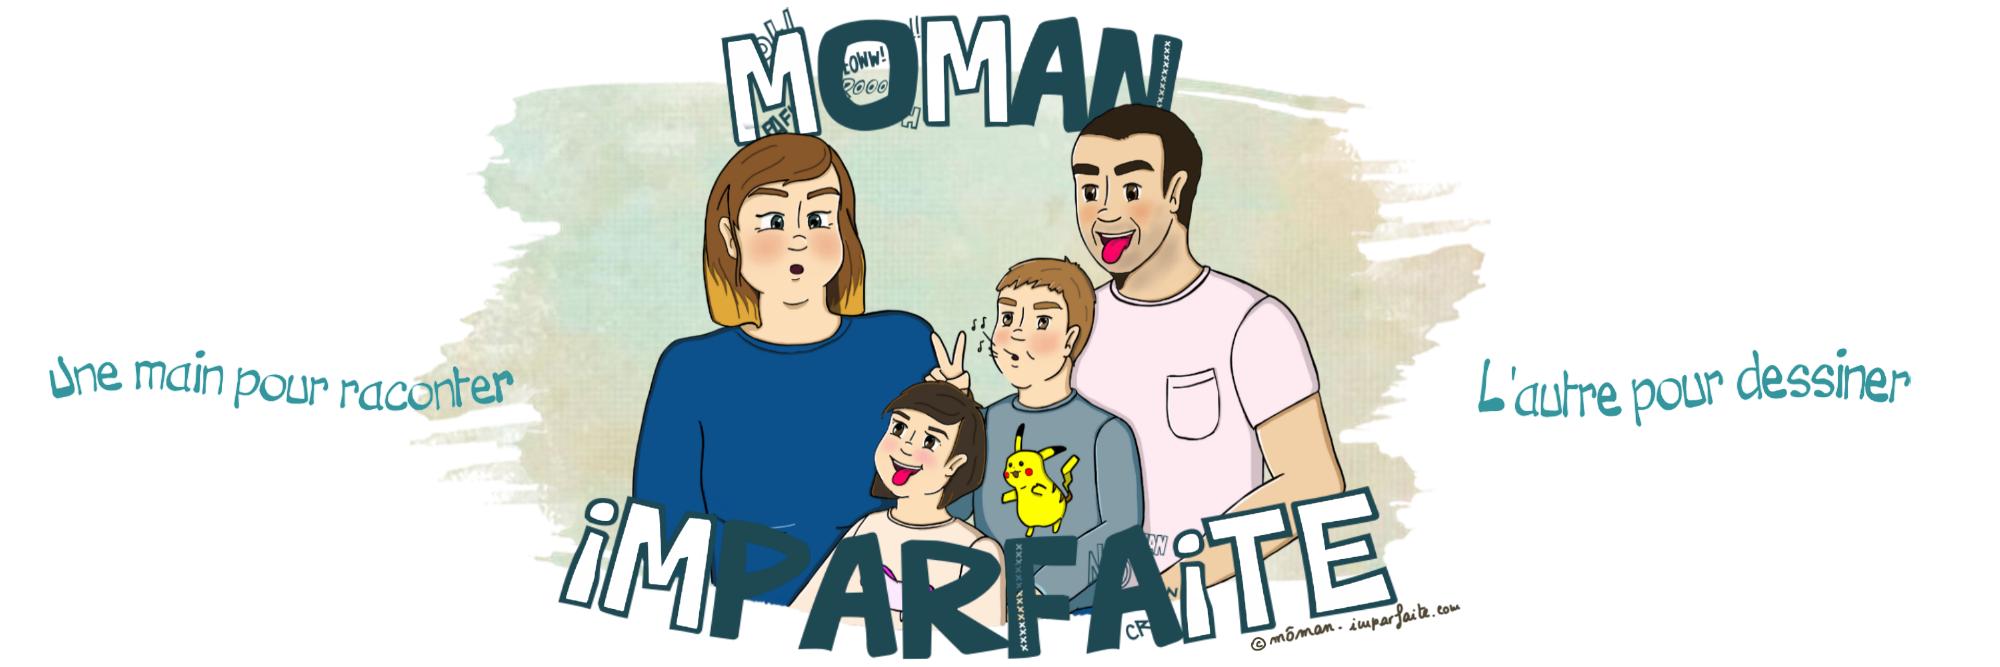 Môman imparfaite - Môman 35 ans, Chouchou 6 ans, Choupette 2 ans